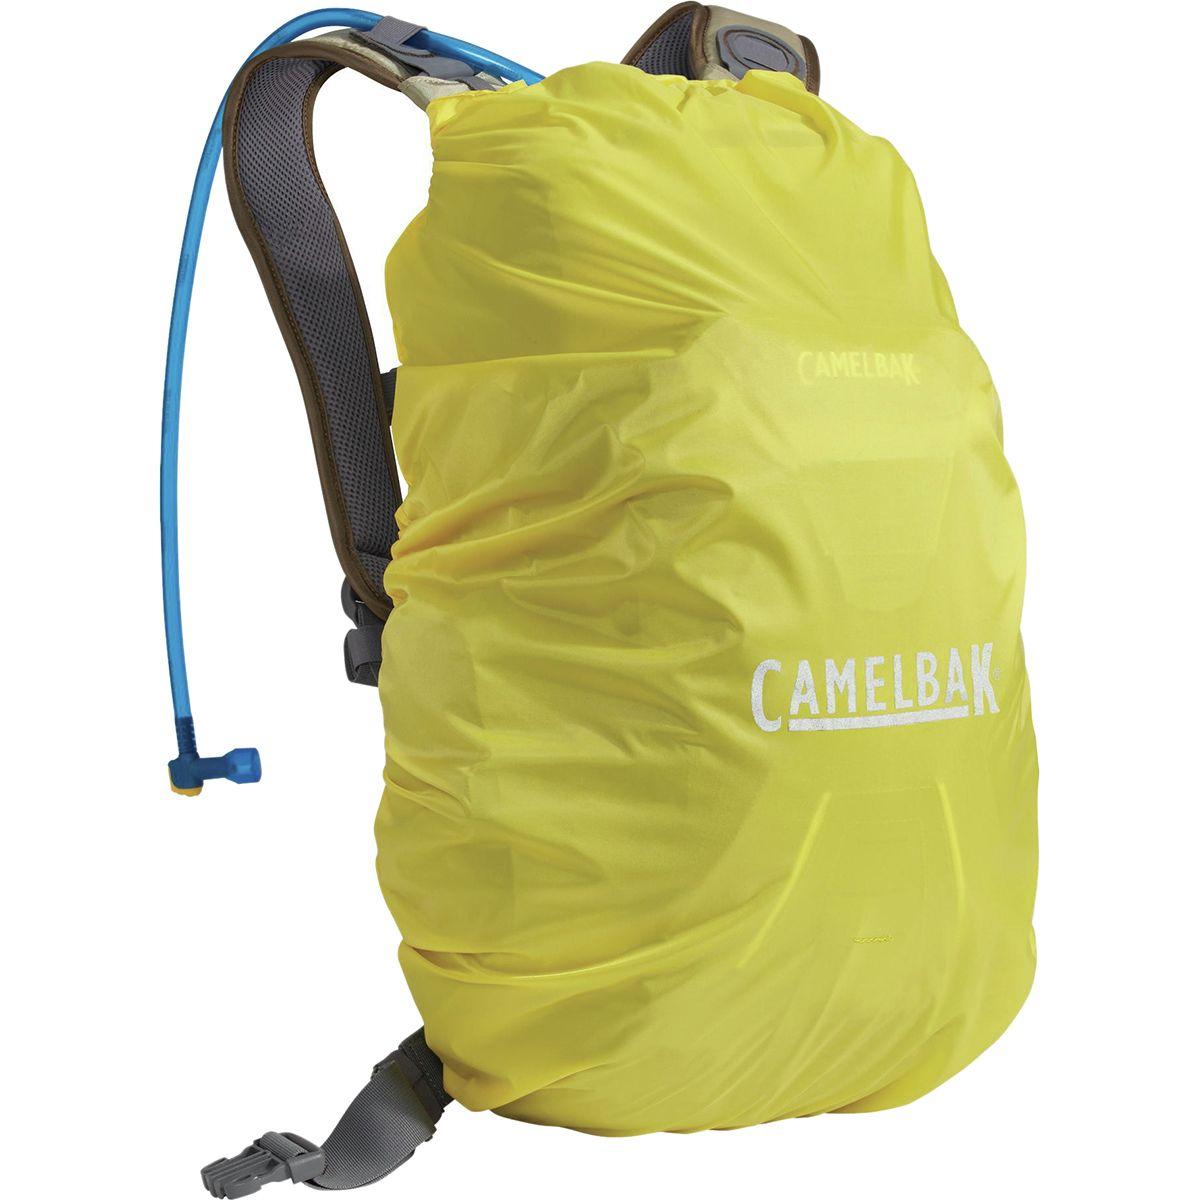 CamelBak Pack Rain Cover